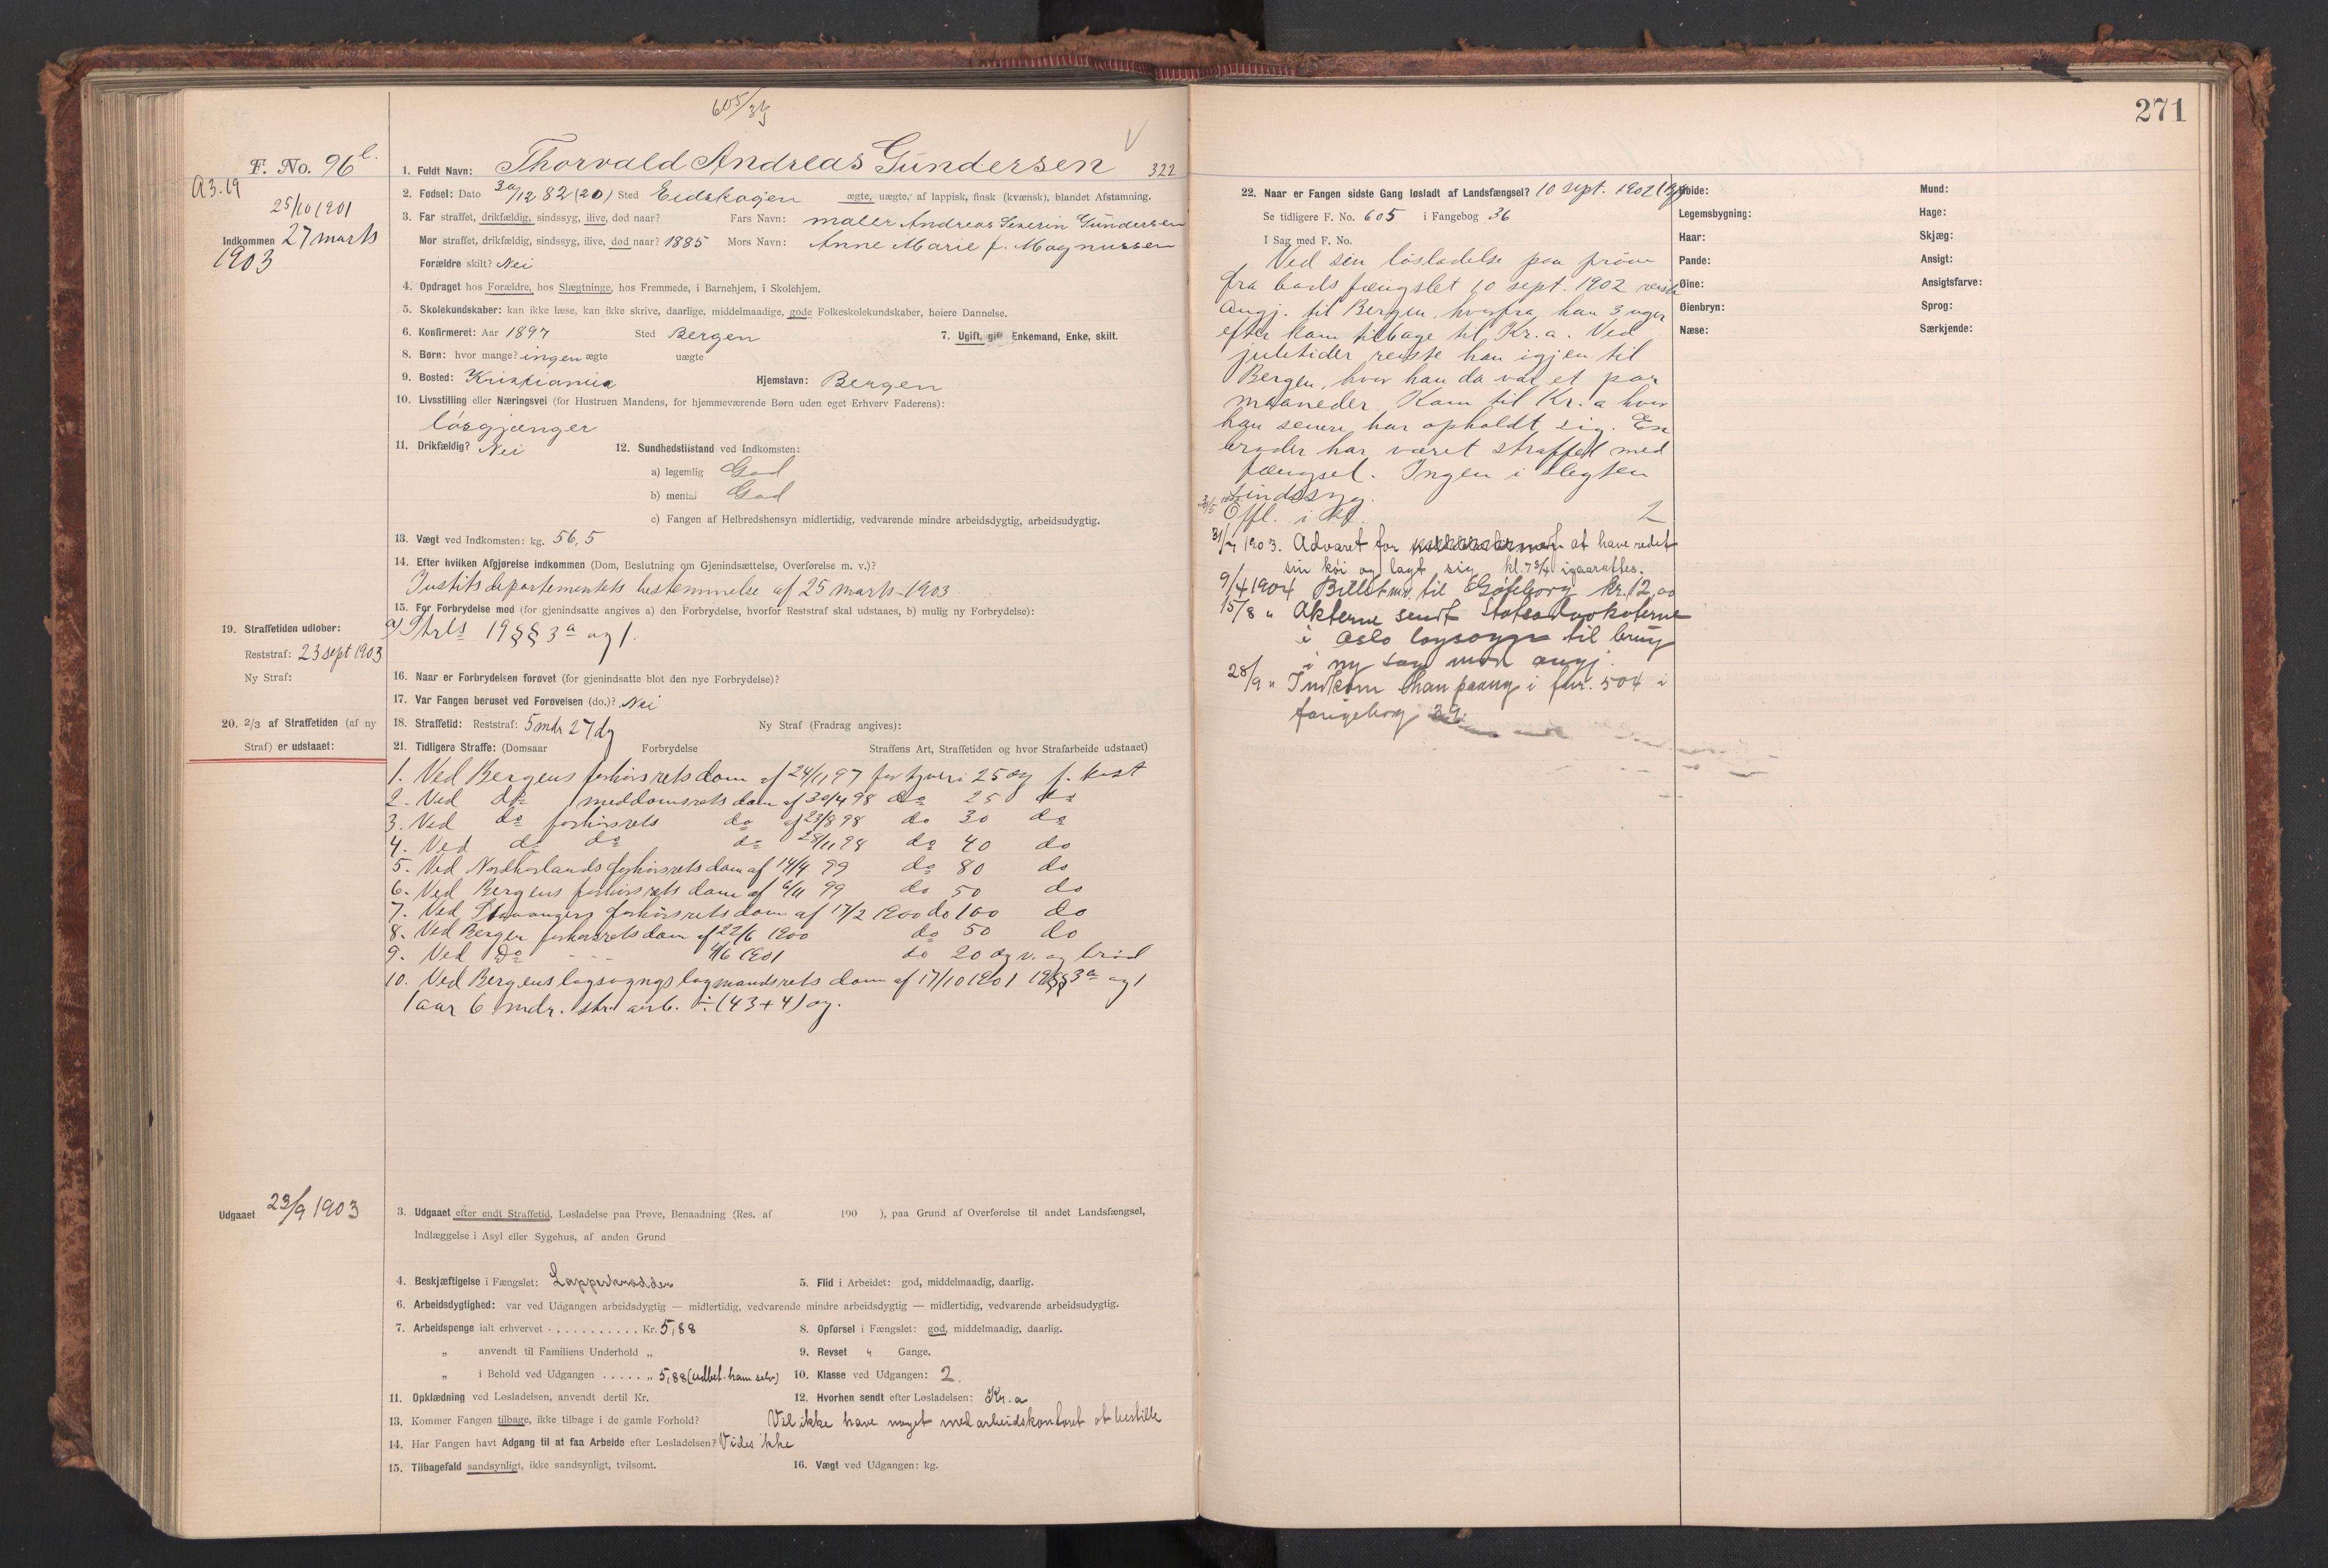 RA, Botsfengslet, D/Db/Dbb/L0037: 826k - 177l, 1902-1903, s. 271